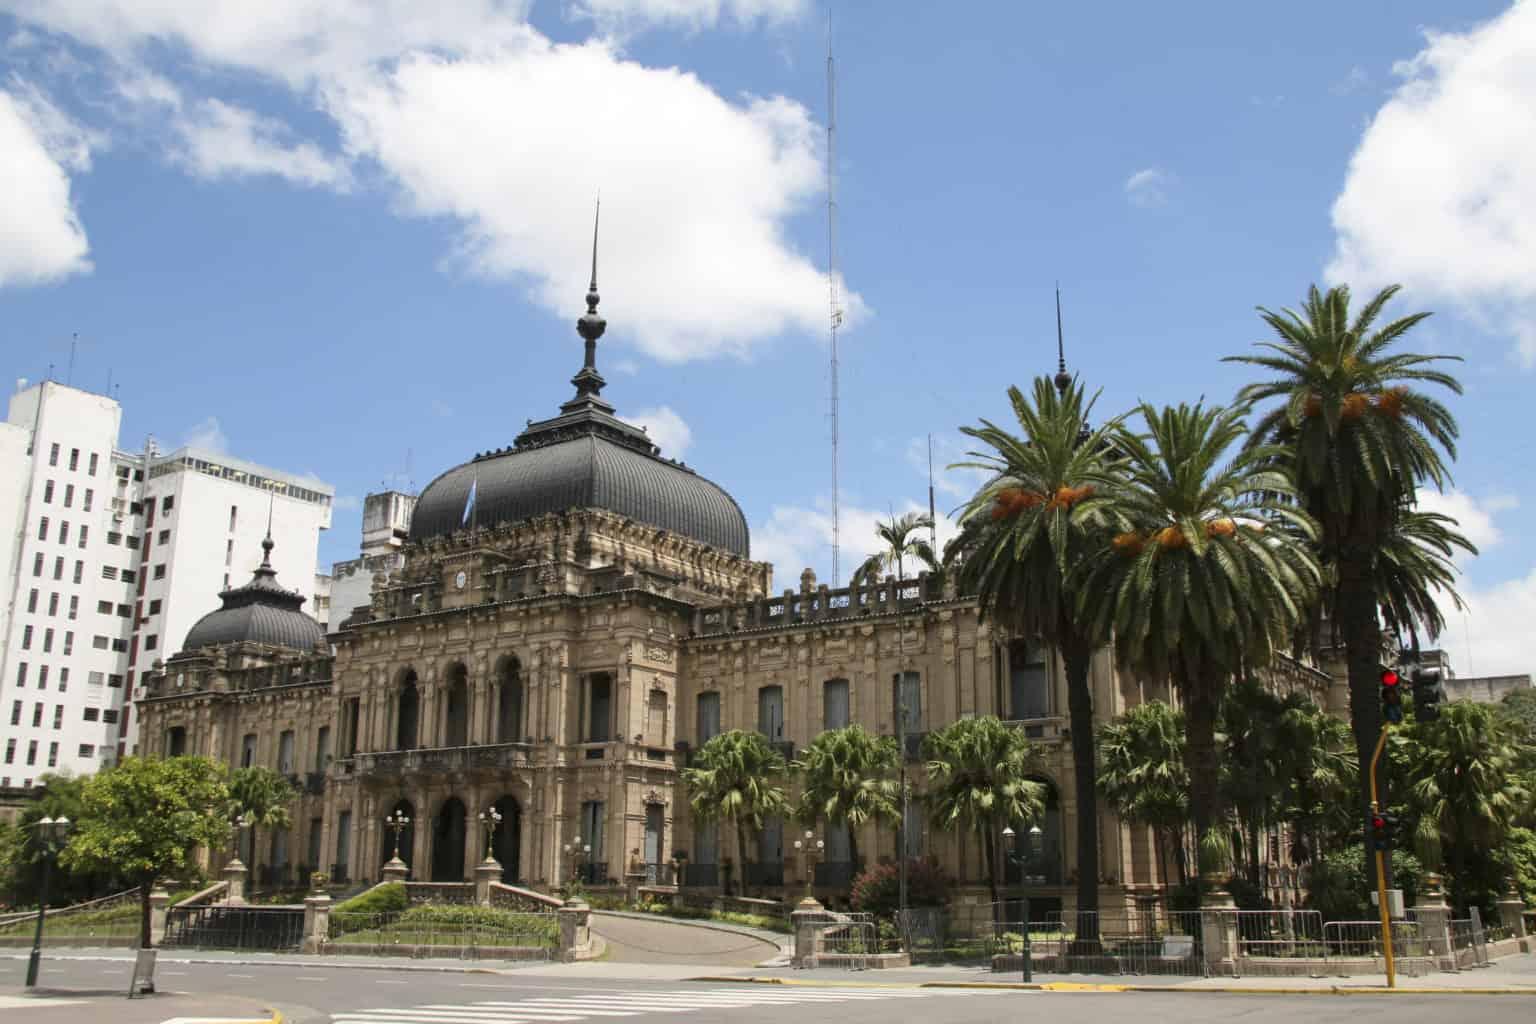 Walking tour in San Miguel de Tucumán